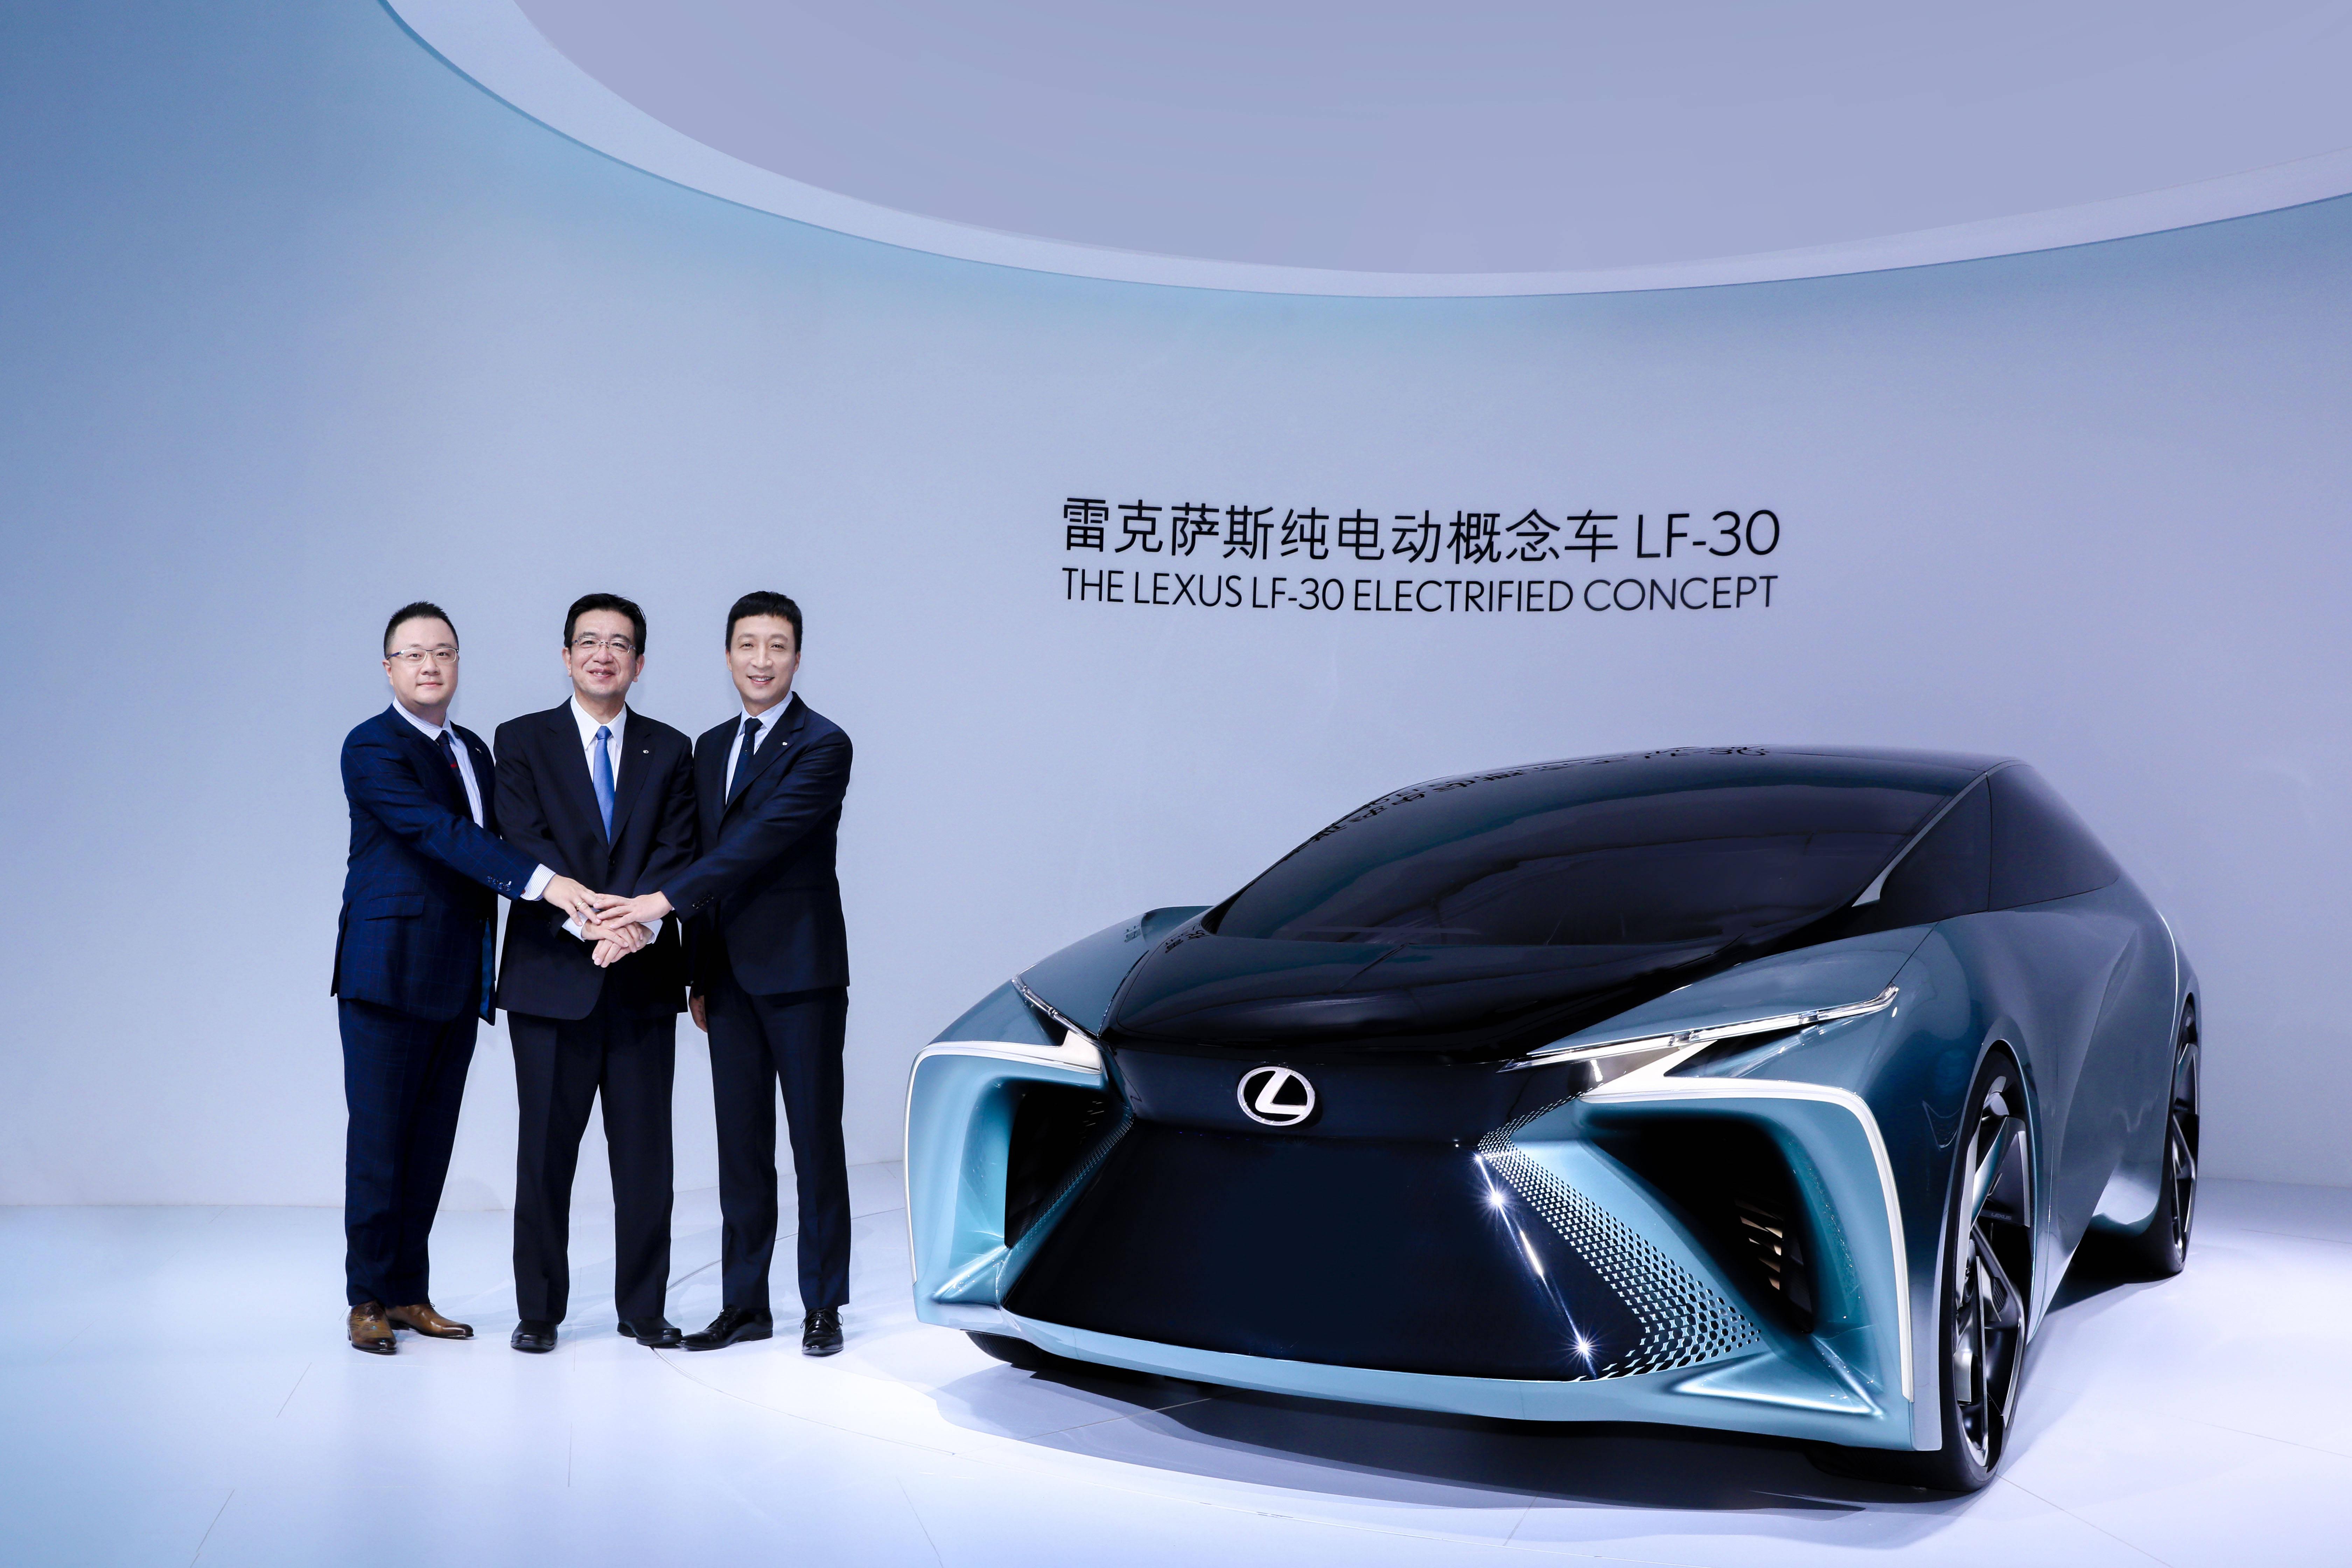 未来设计 雷克萨斯LF-30概念车北京车展首秀